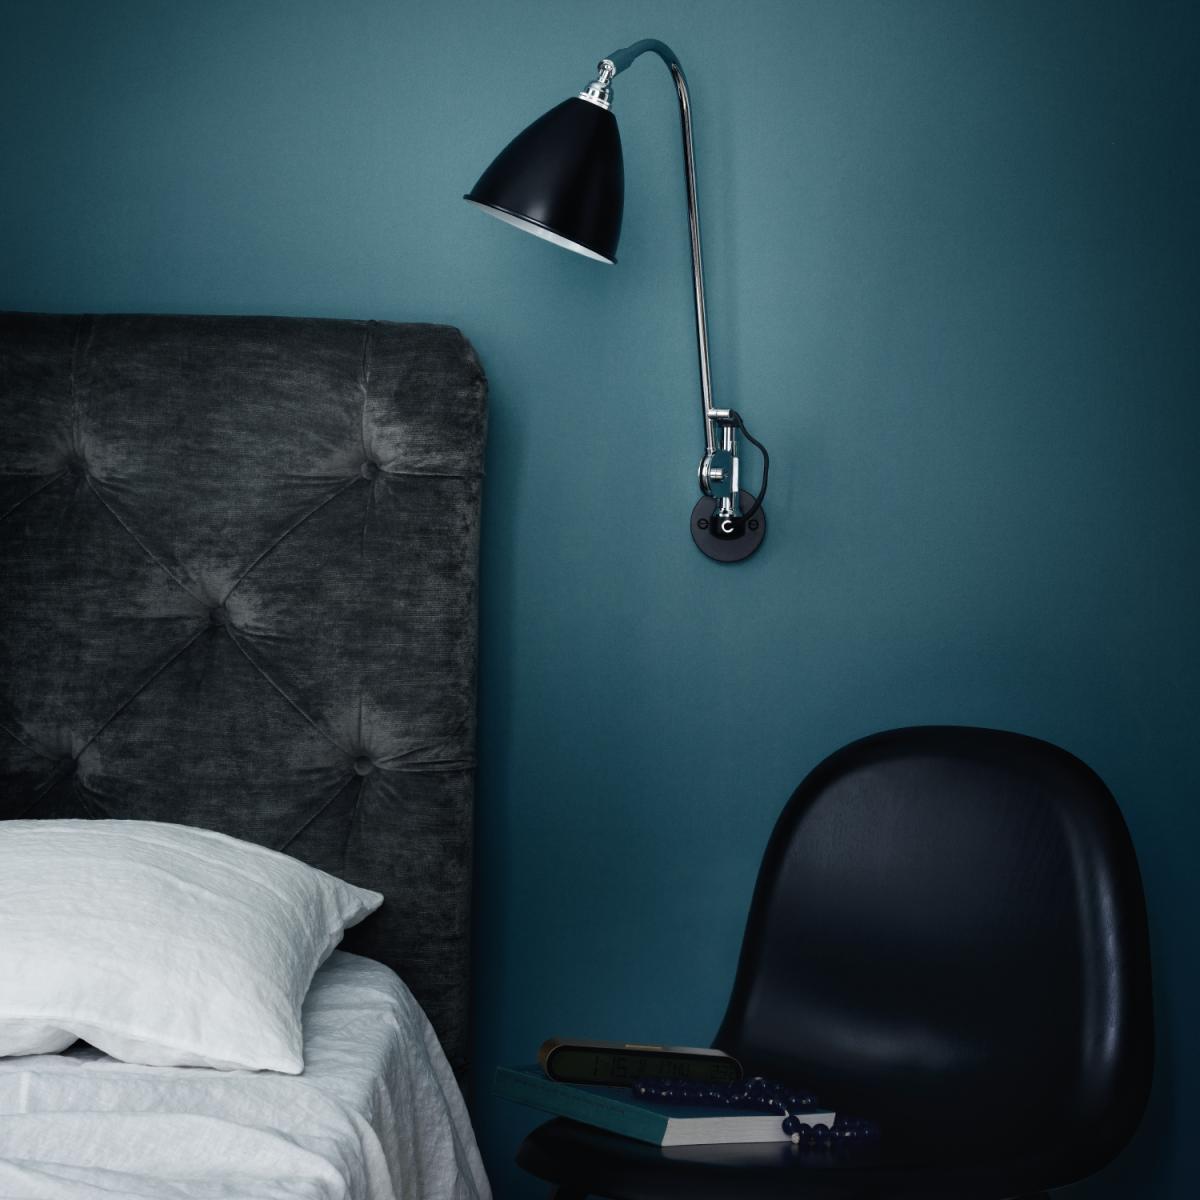 Picture of: Lamper Til Sovevaerelset Find Din Design Lampe Til Det Hyggelige Rum